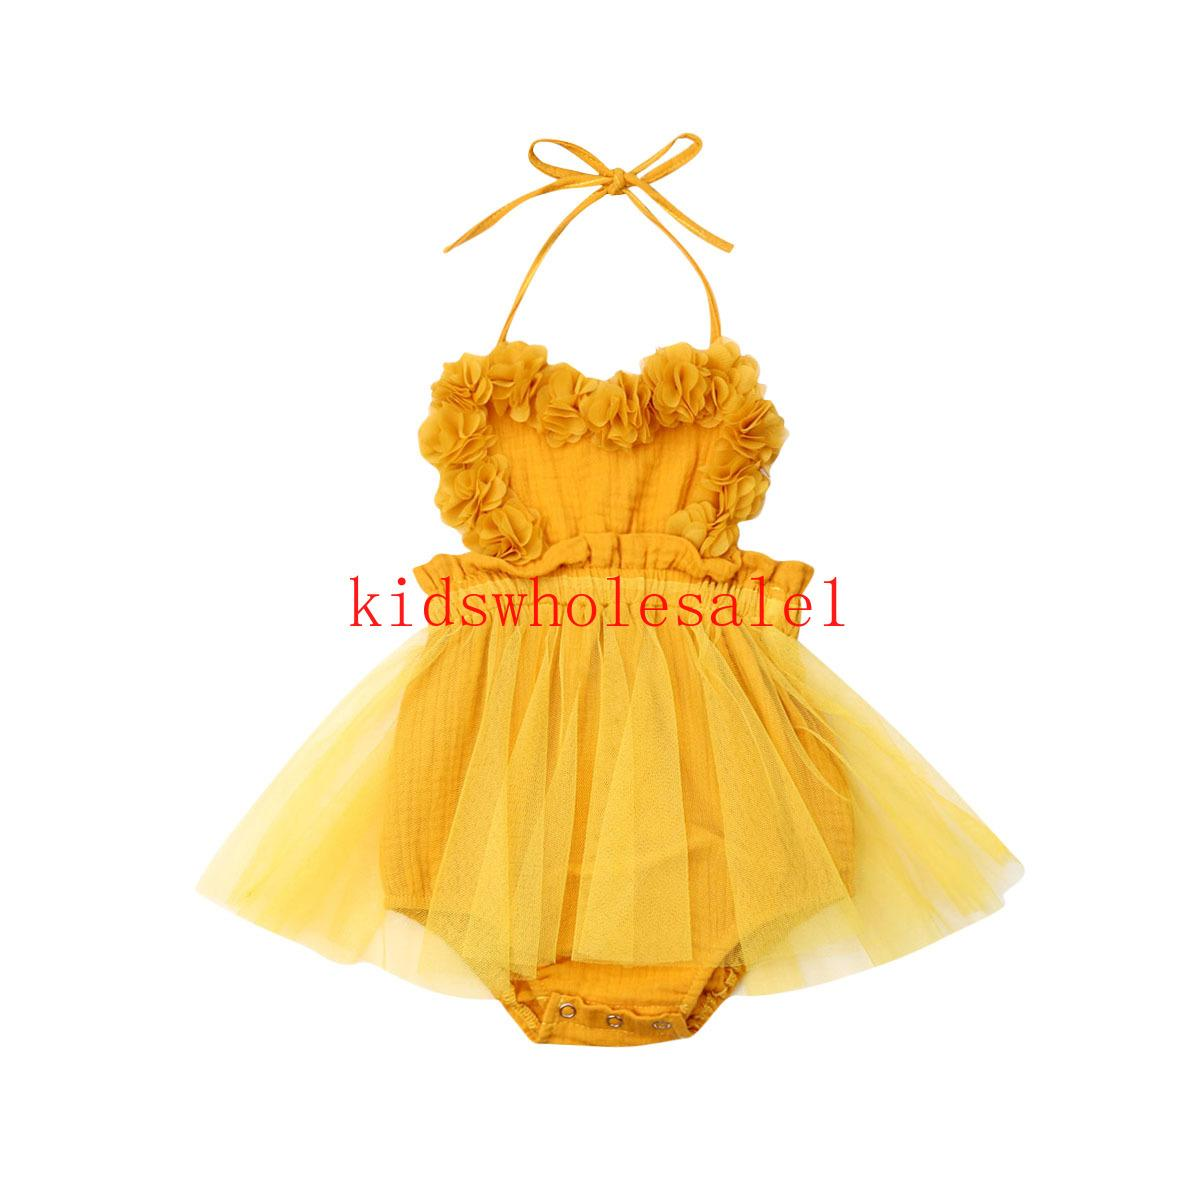 신생아 아기 소녀 얇은 명주 그물 뛰어 돌아 다니는 드레스 노란색 고체 레이스 민소매 벨트 점프 수트 의상 여름 의류